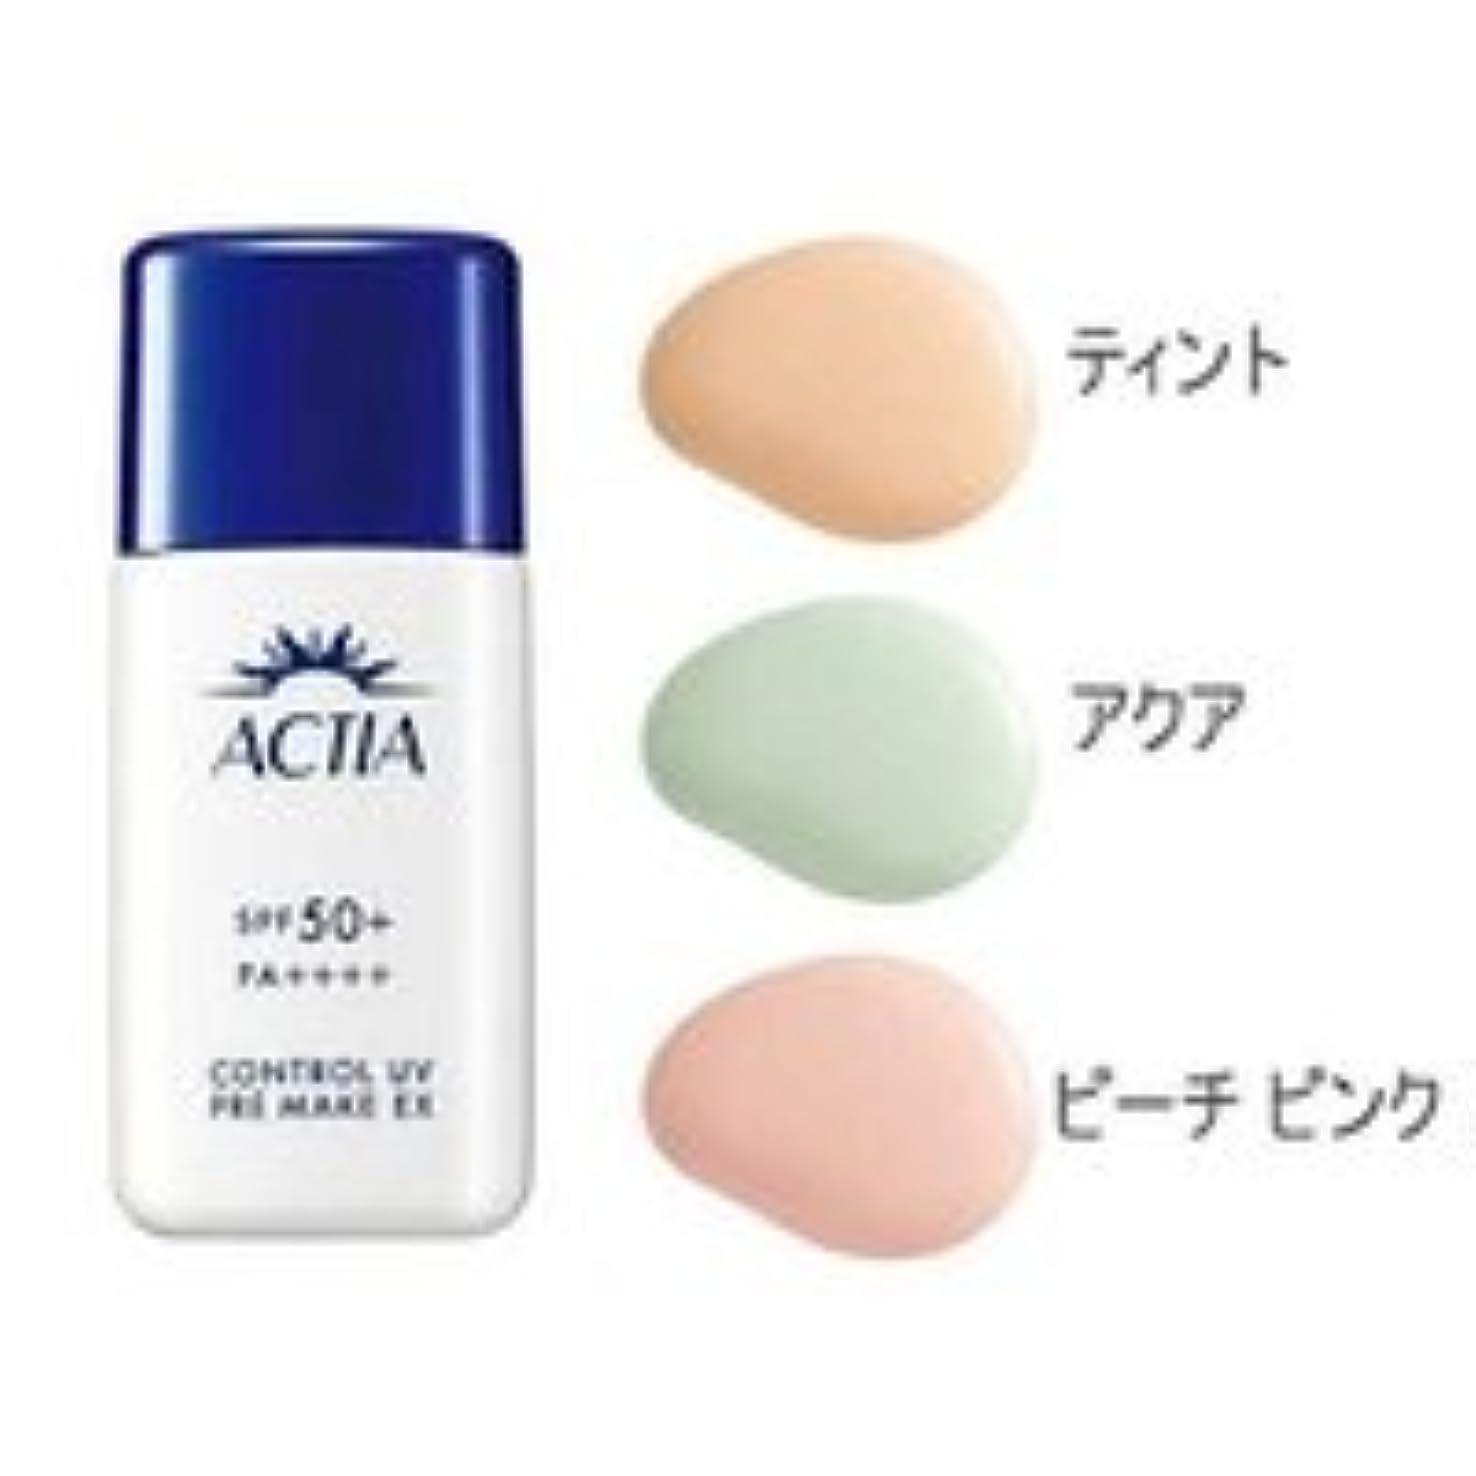 給料犠牲髄エイボン (AVON) アクティア コントロール UV プレメイク EX 30ml (アクア)